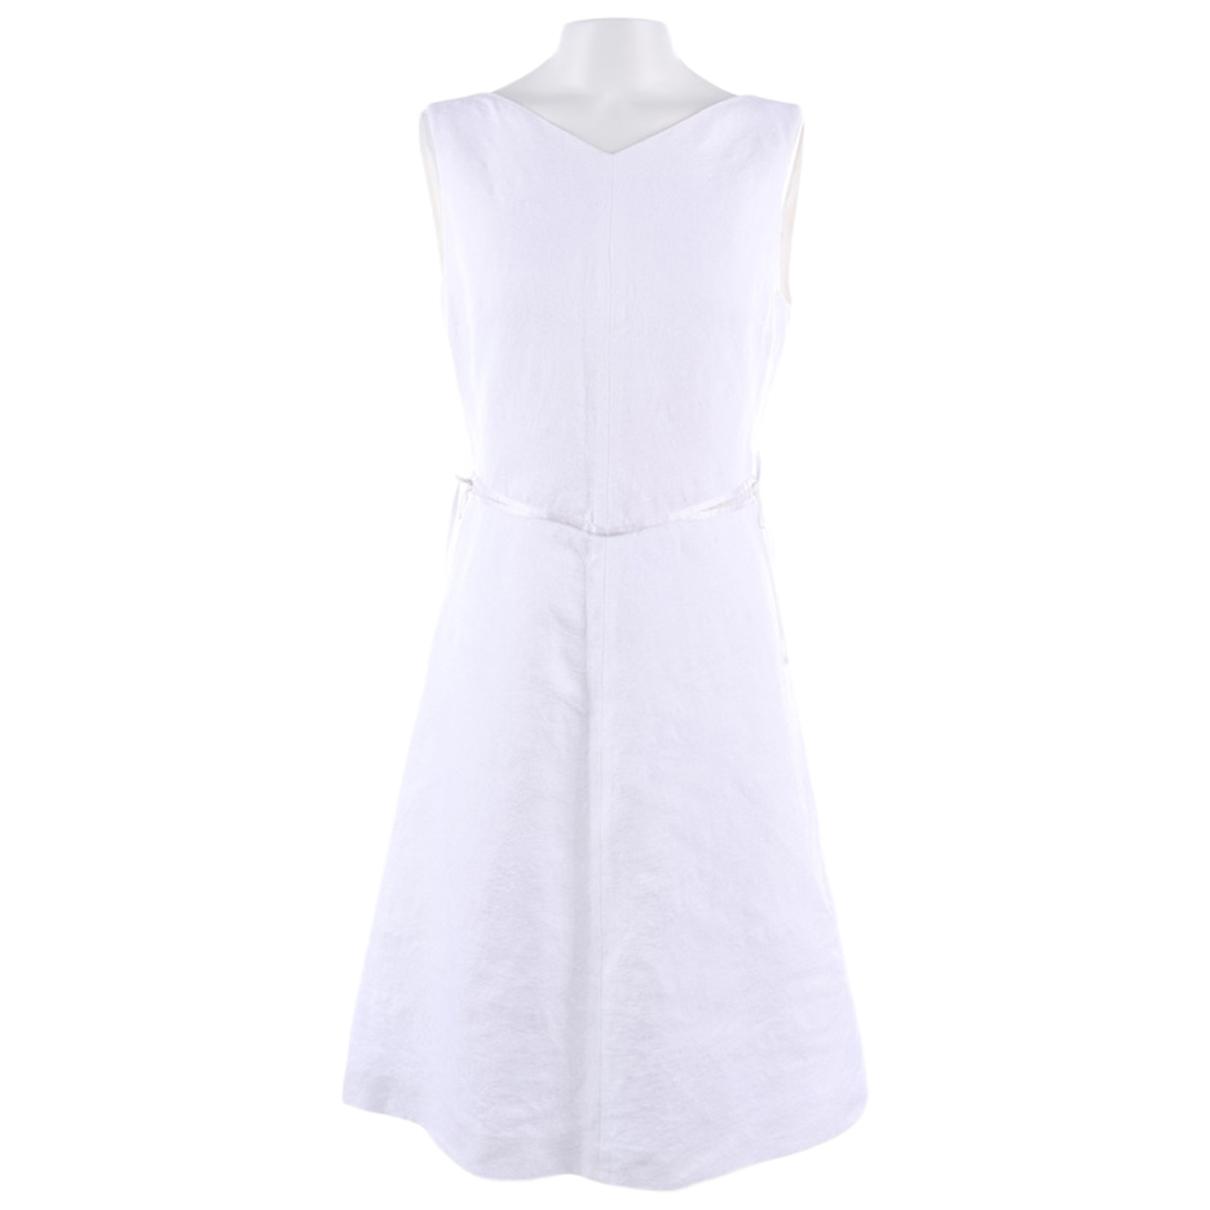 Dorothee Schumacher N White Cotton dress for Women 36 IT